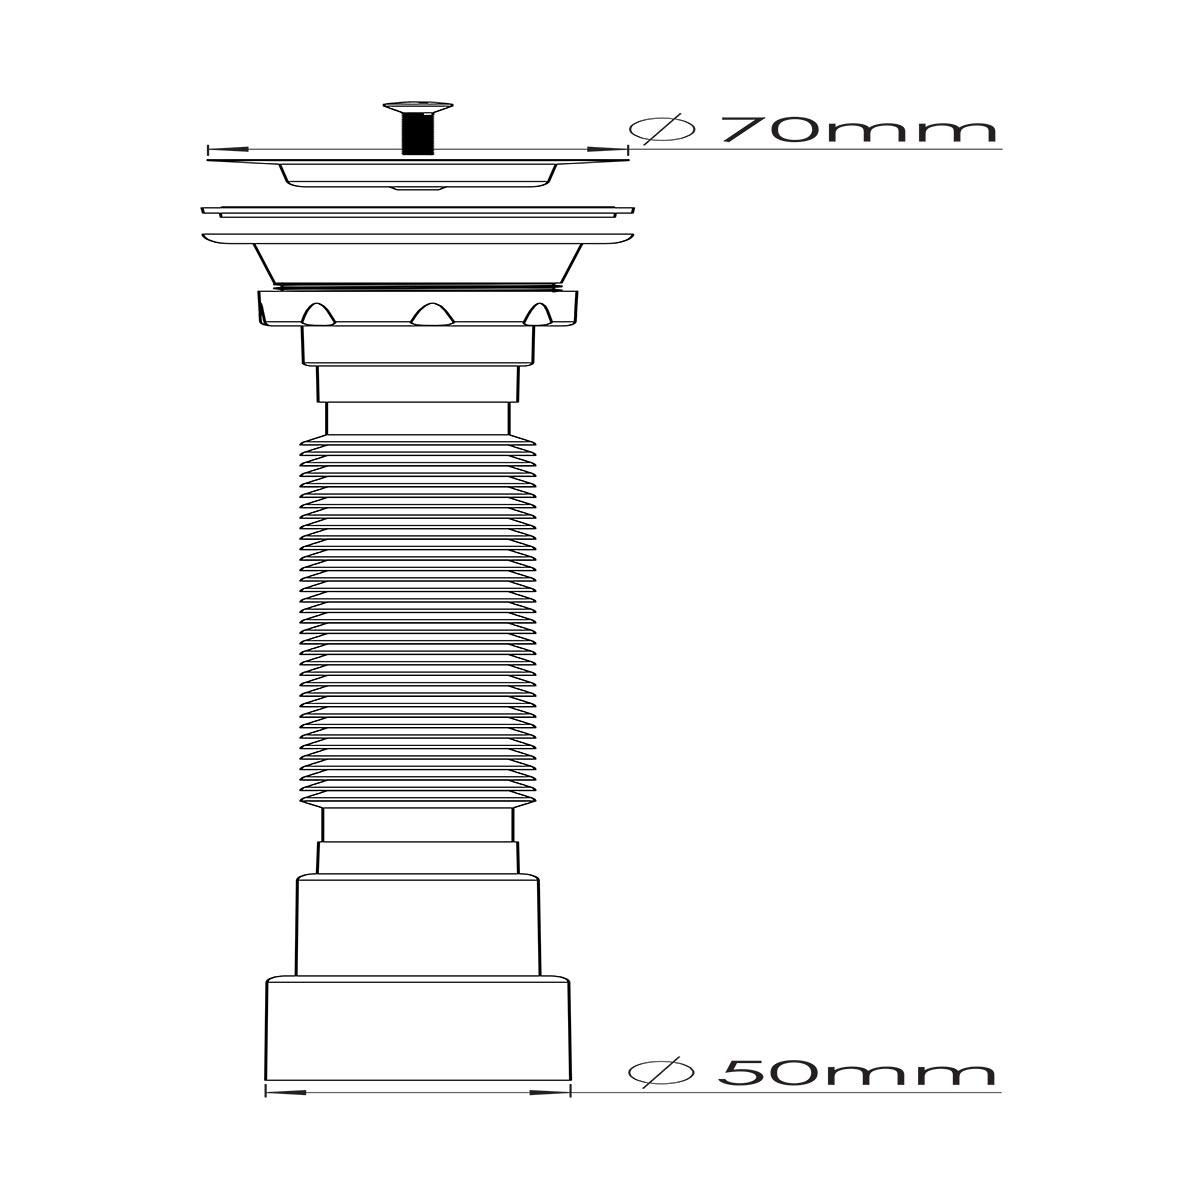 1 ½ – Ø50, 304 Kalite Paslanmaz Vida ve 70 mm Süzgeç Uzun Körüklü Sifon